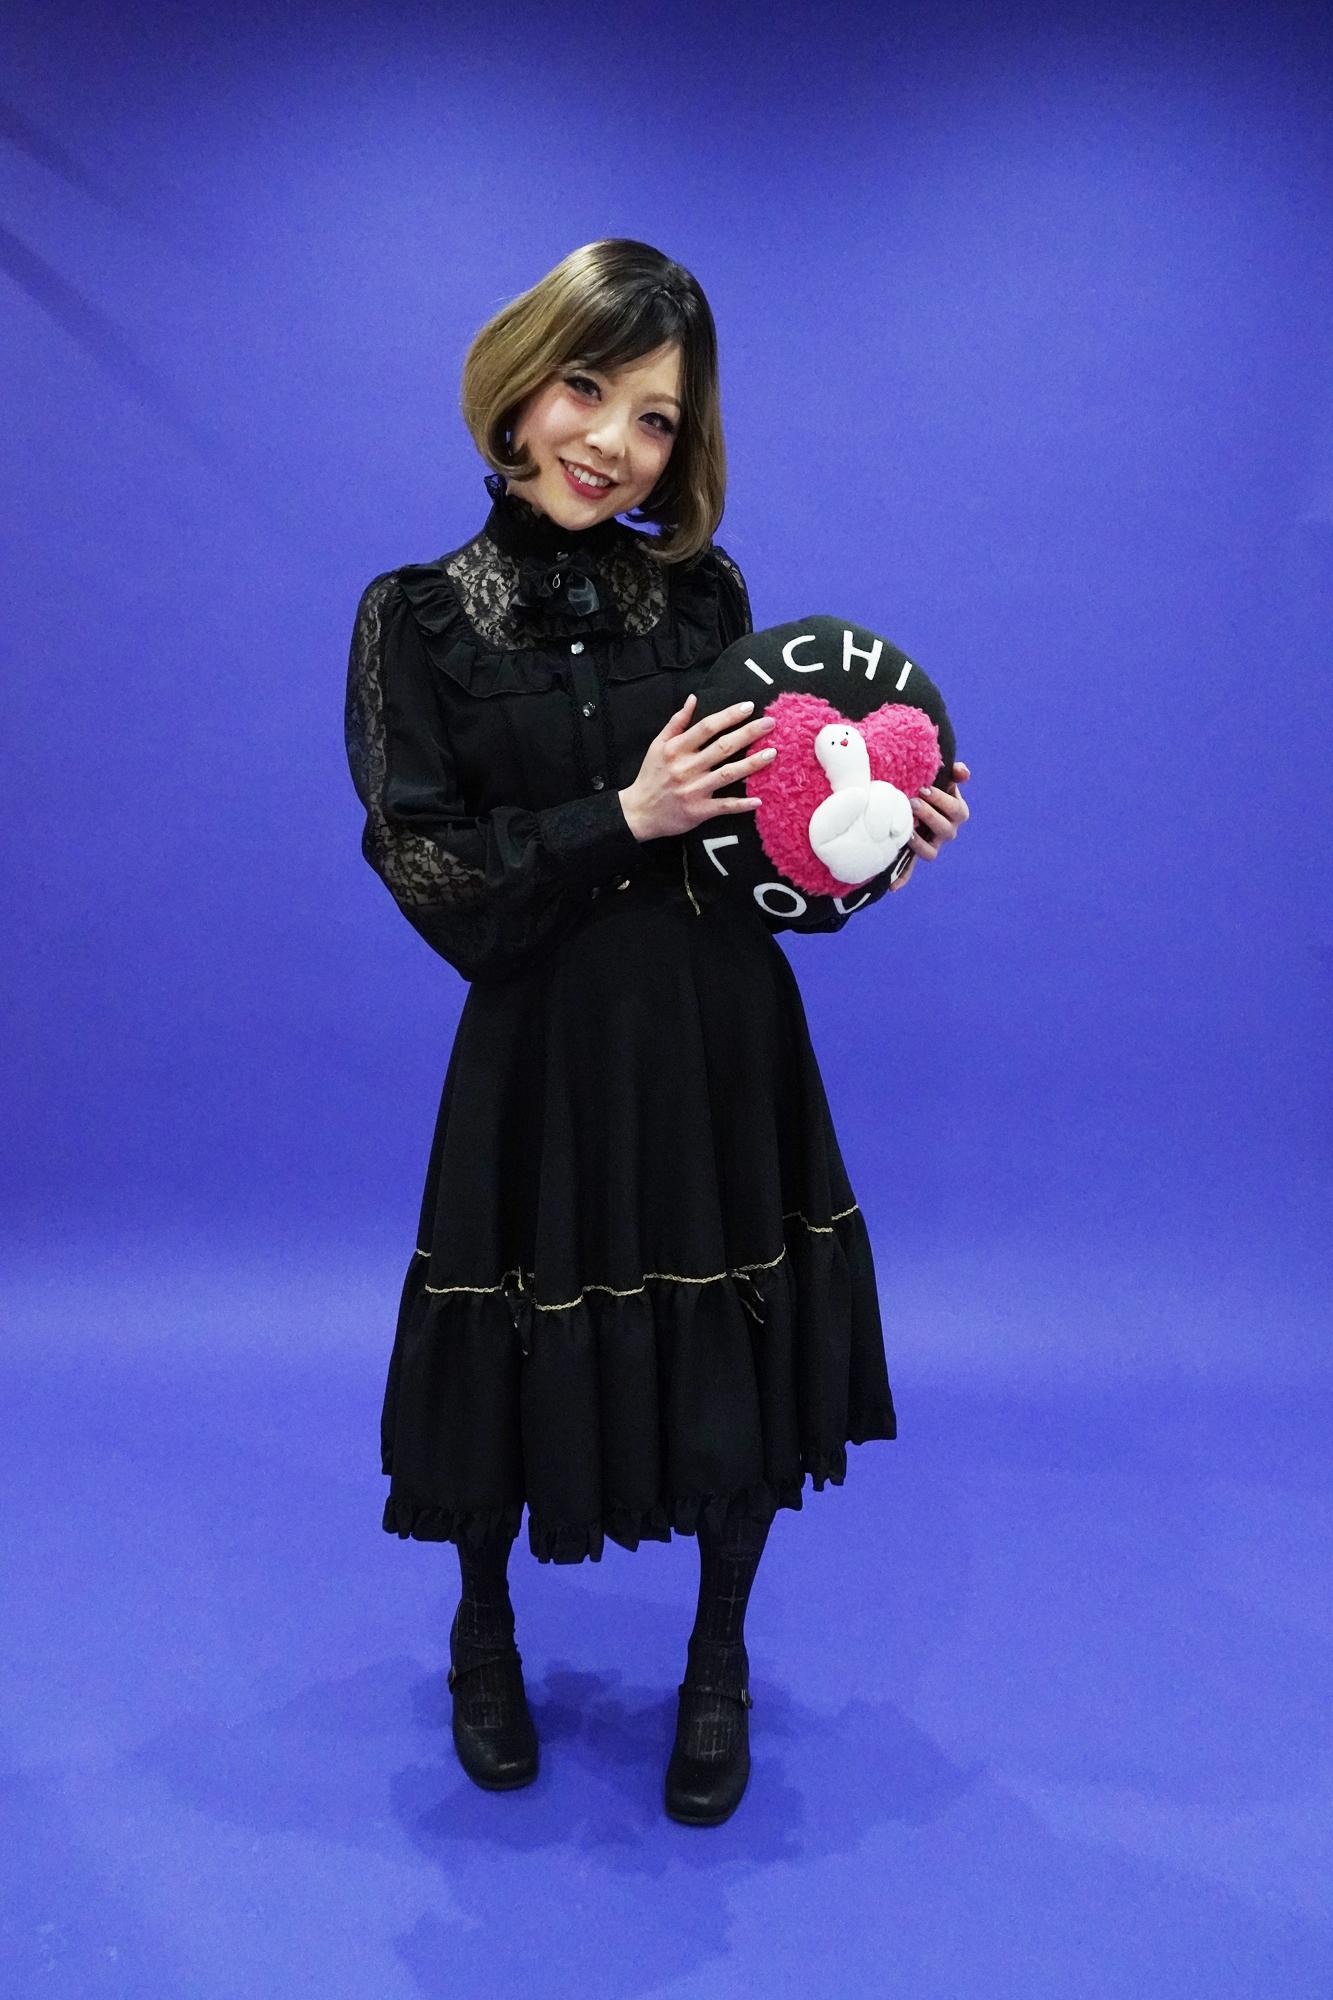 小川麻琴 モー娘。株式会社いちらぶ